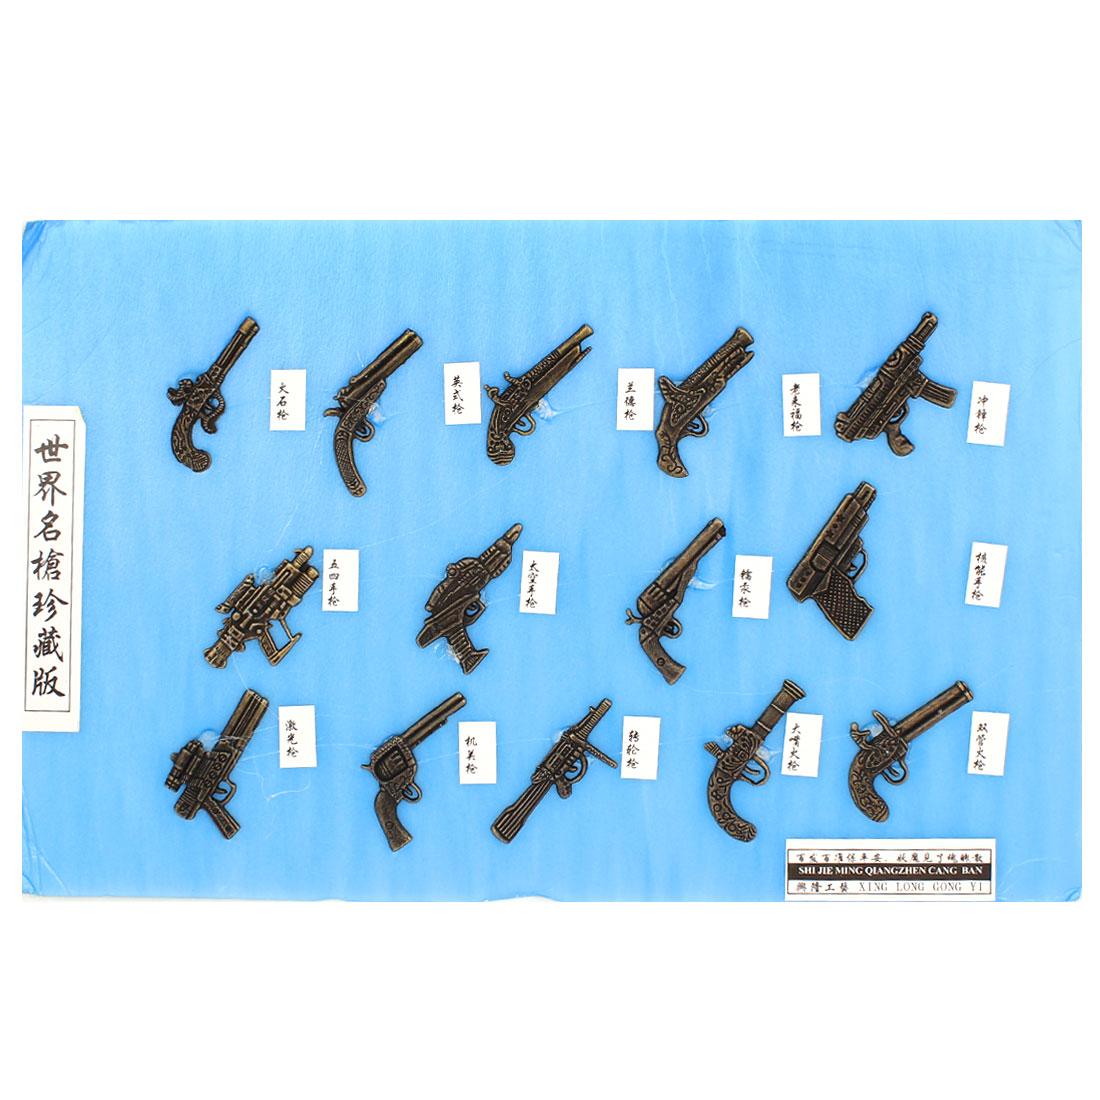 Handcraft Artwork Gun Handgun Roer Foam Colleting Board Blue